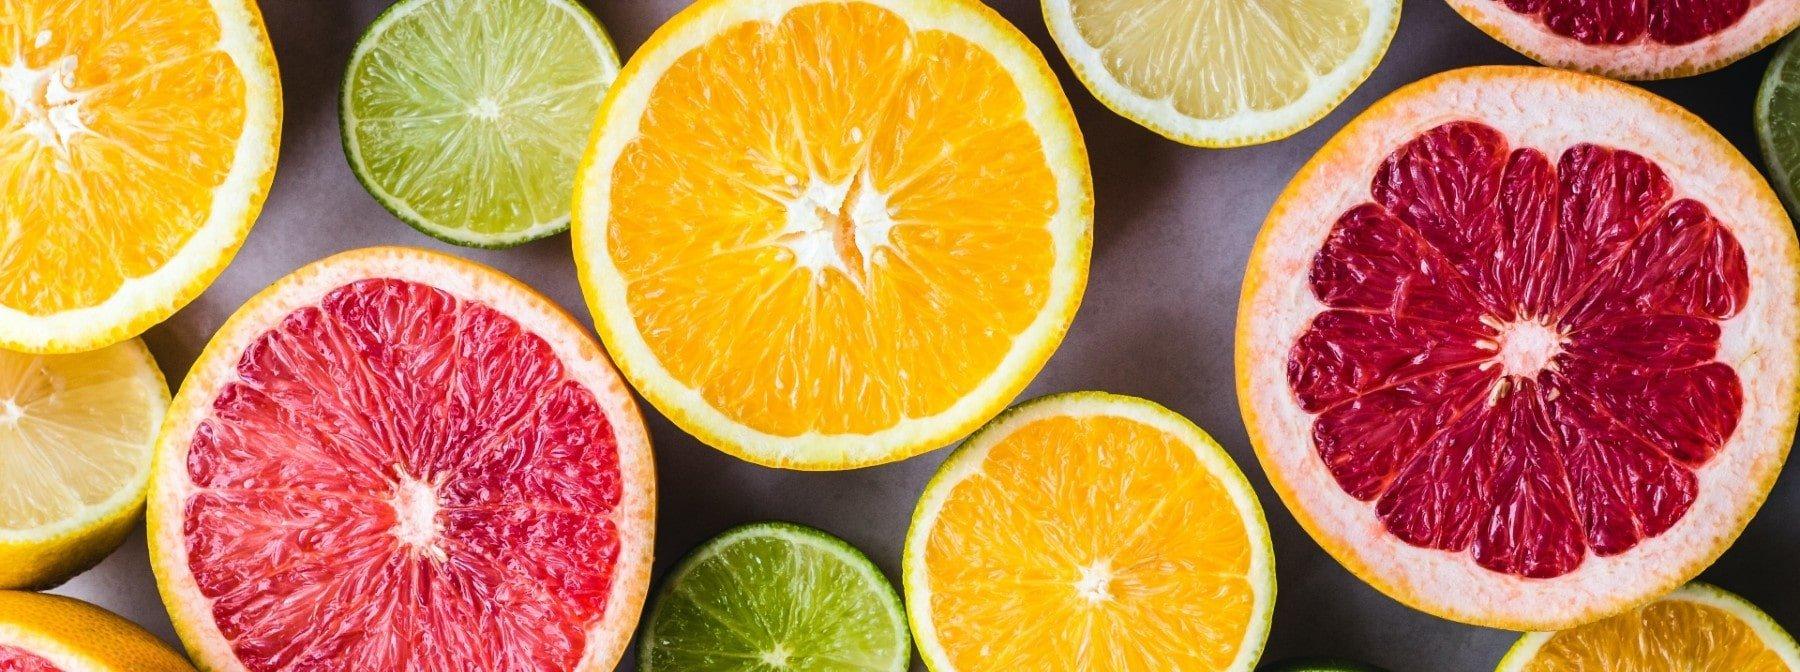 Co jíst, když jste nemocní | Top 11 potravin